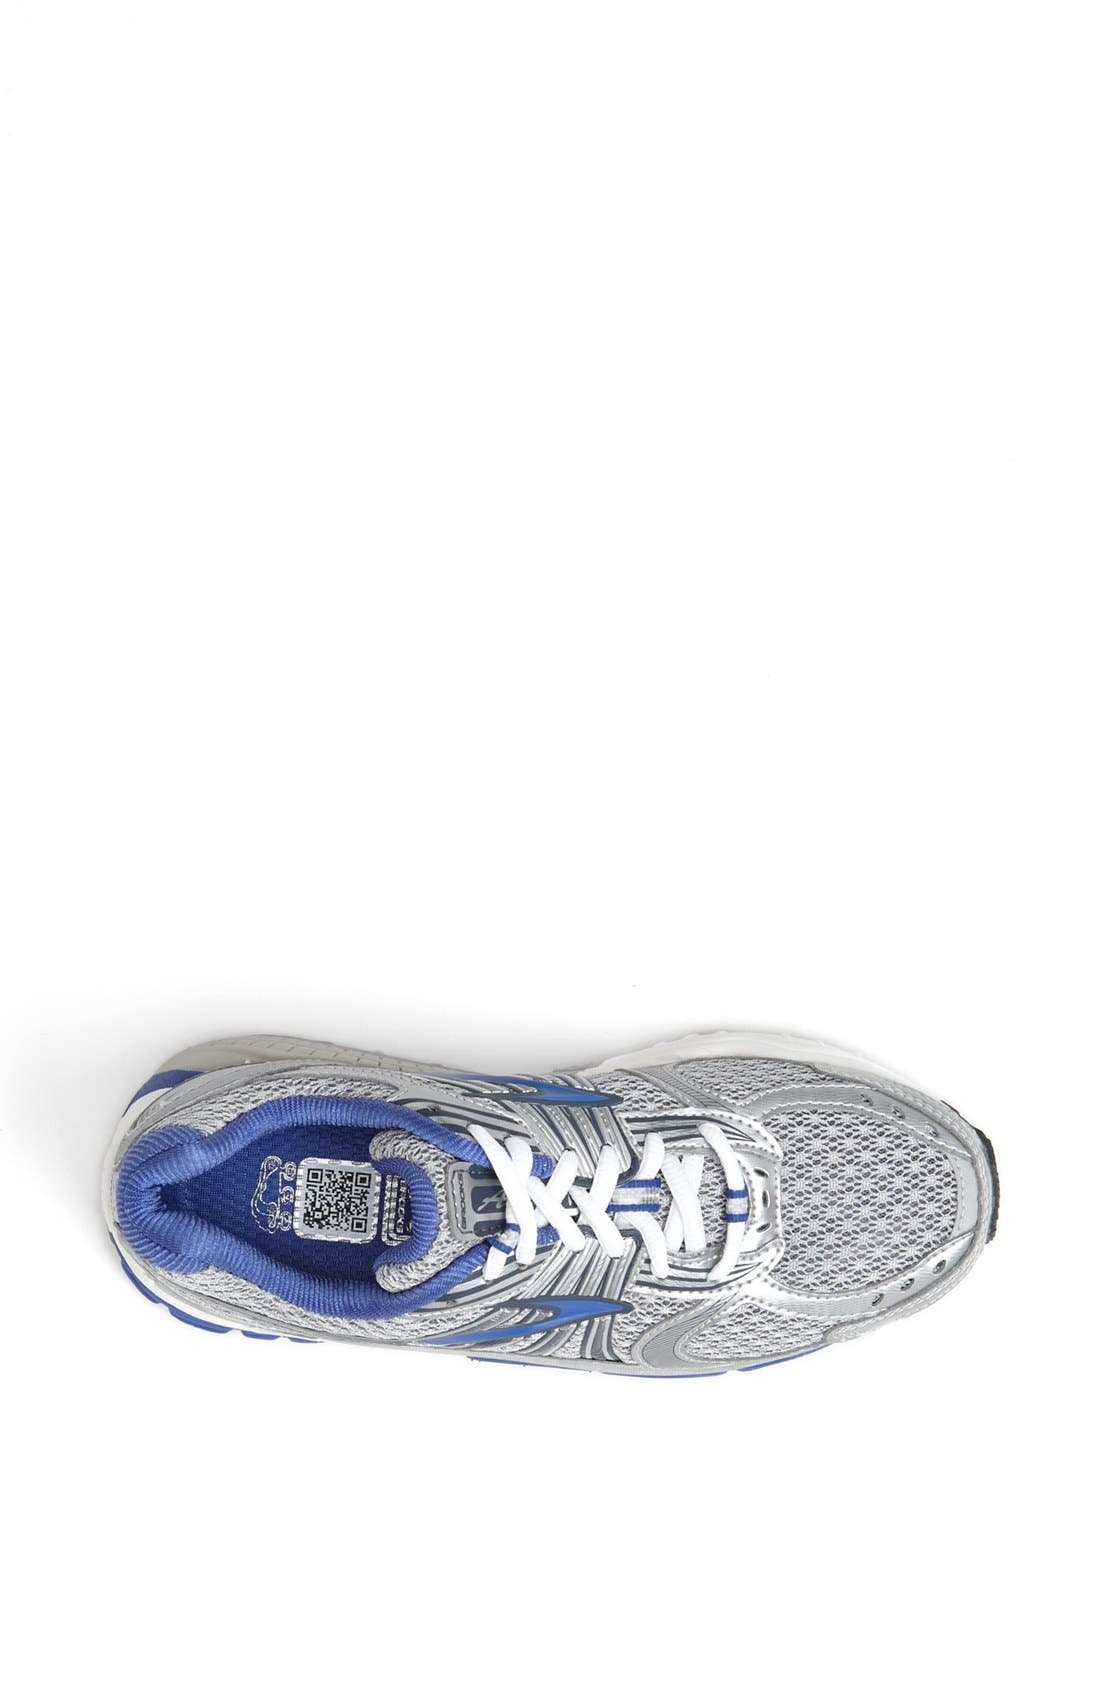 Alternate Image 3  - Brooks 'Ariel' Running Shoe (Women) (Regular Retail Price: $139.95)